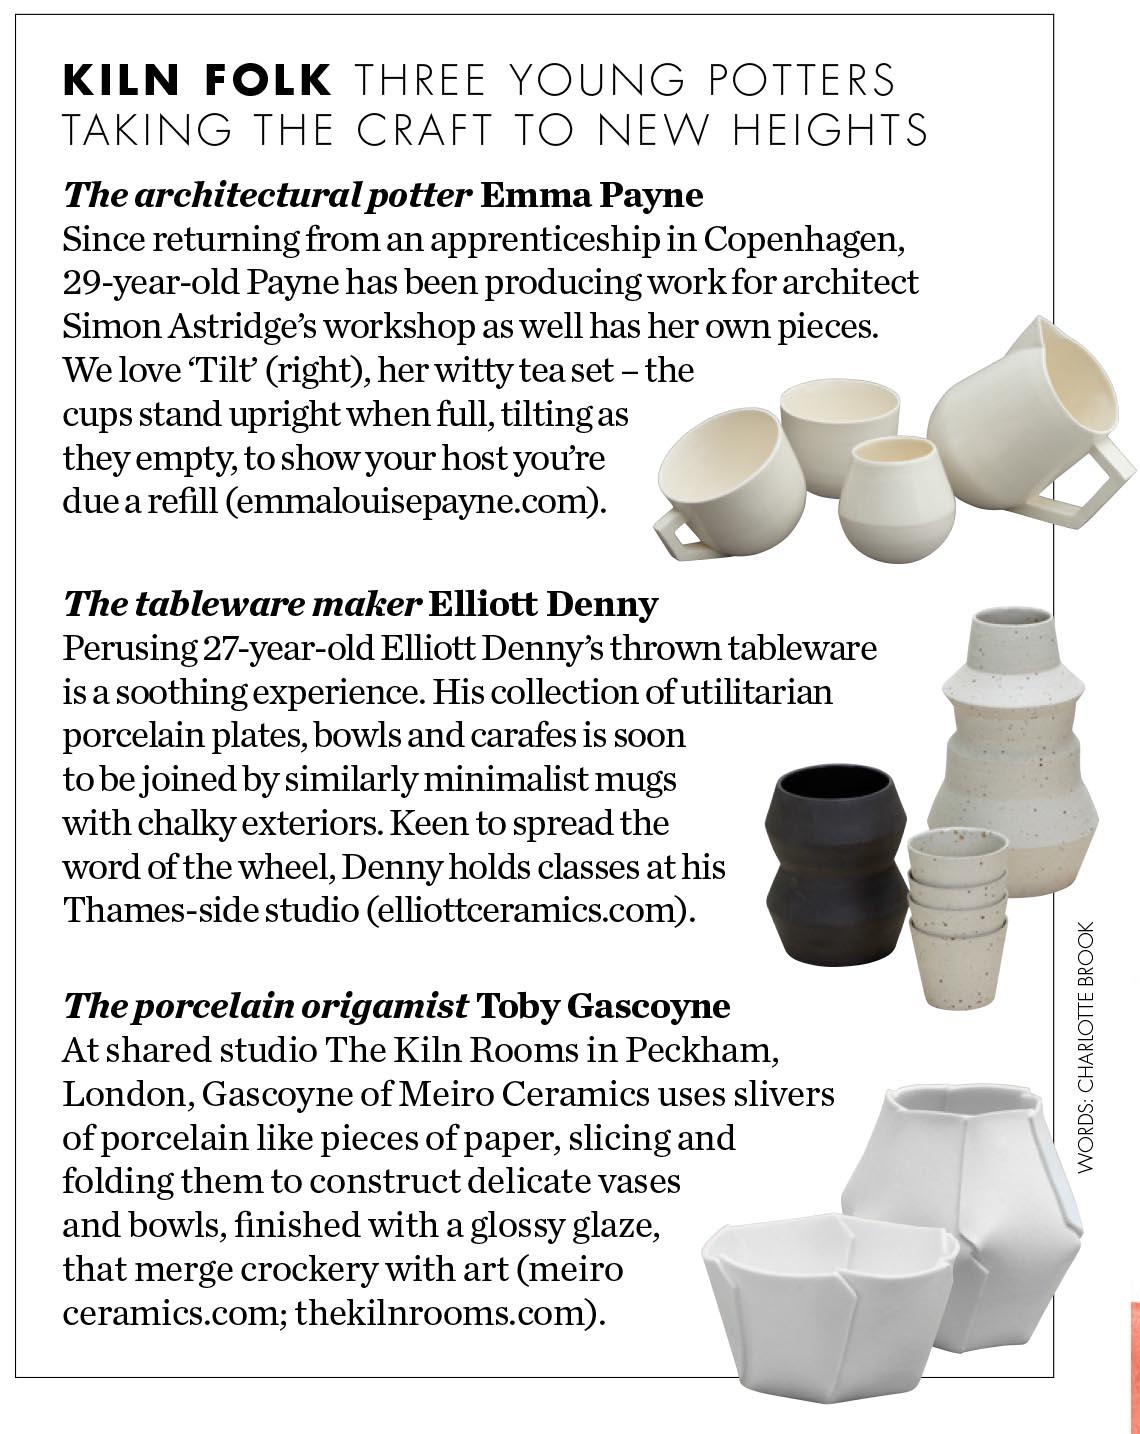 ED Oct 17 - Brit ceramics 03.jpg